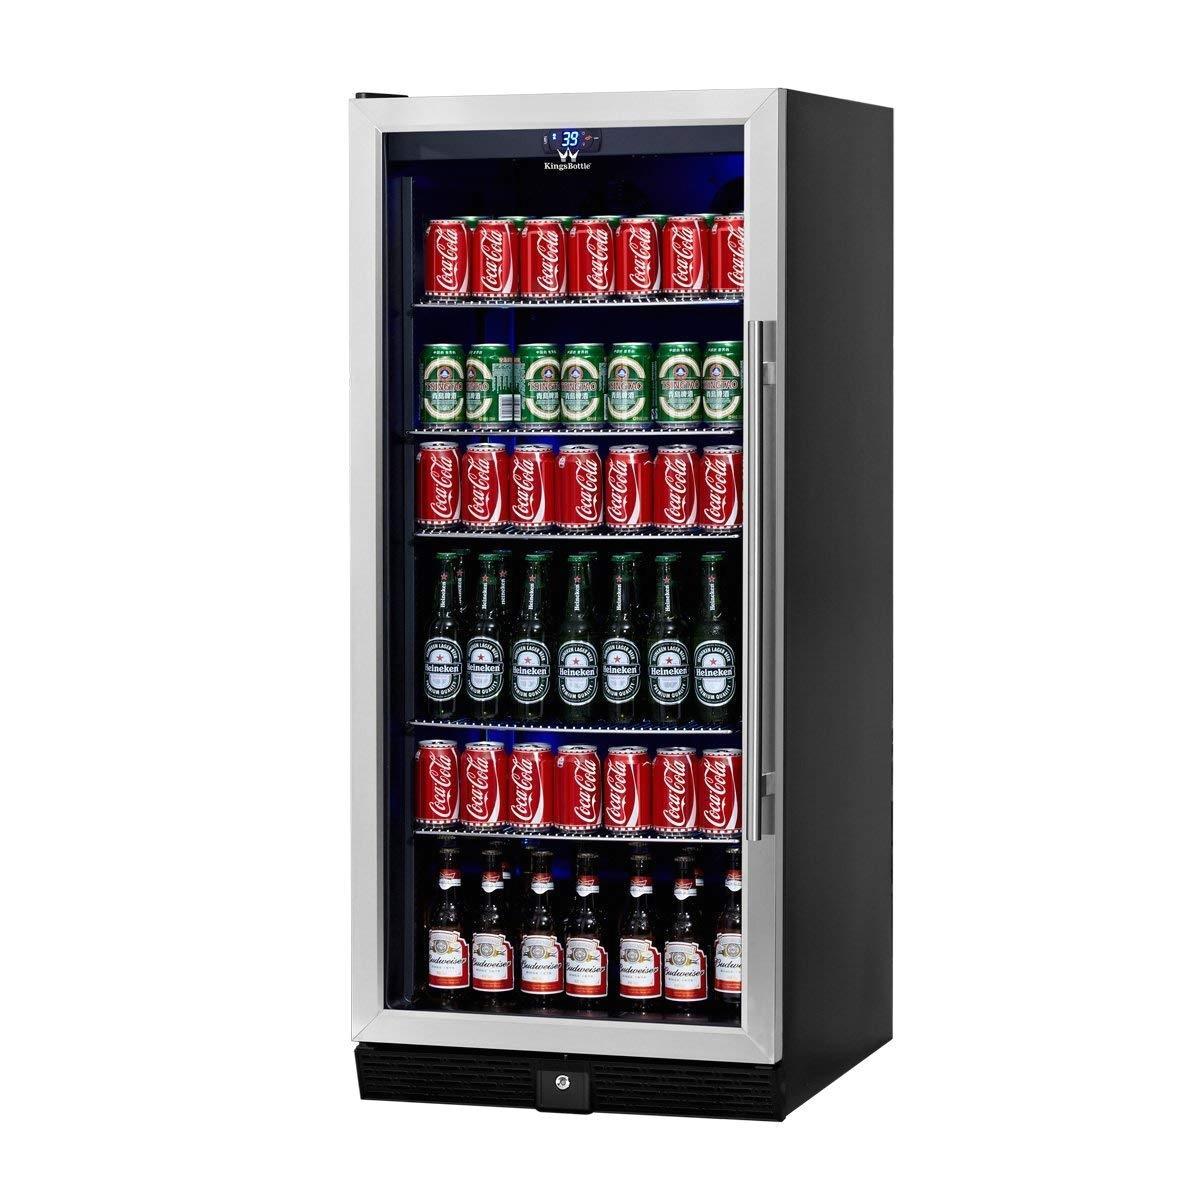 amazon com beverage cooler beer cooler upright stainless steel beer fridge 300 cans 5 chromed steel shelves ideal beer and beverage refrigerator for